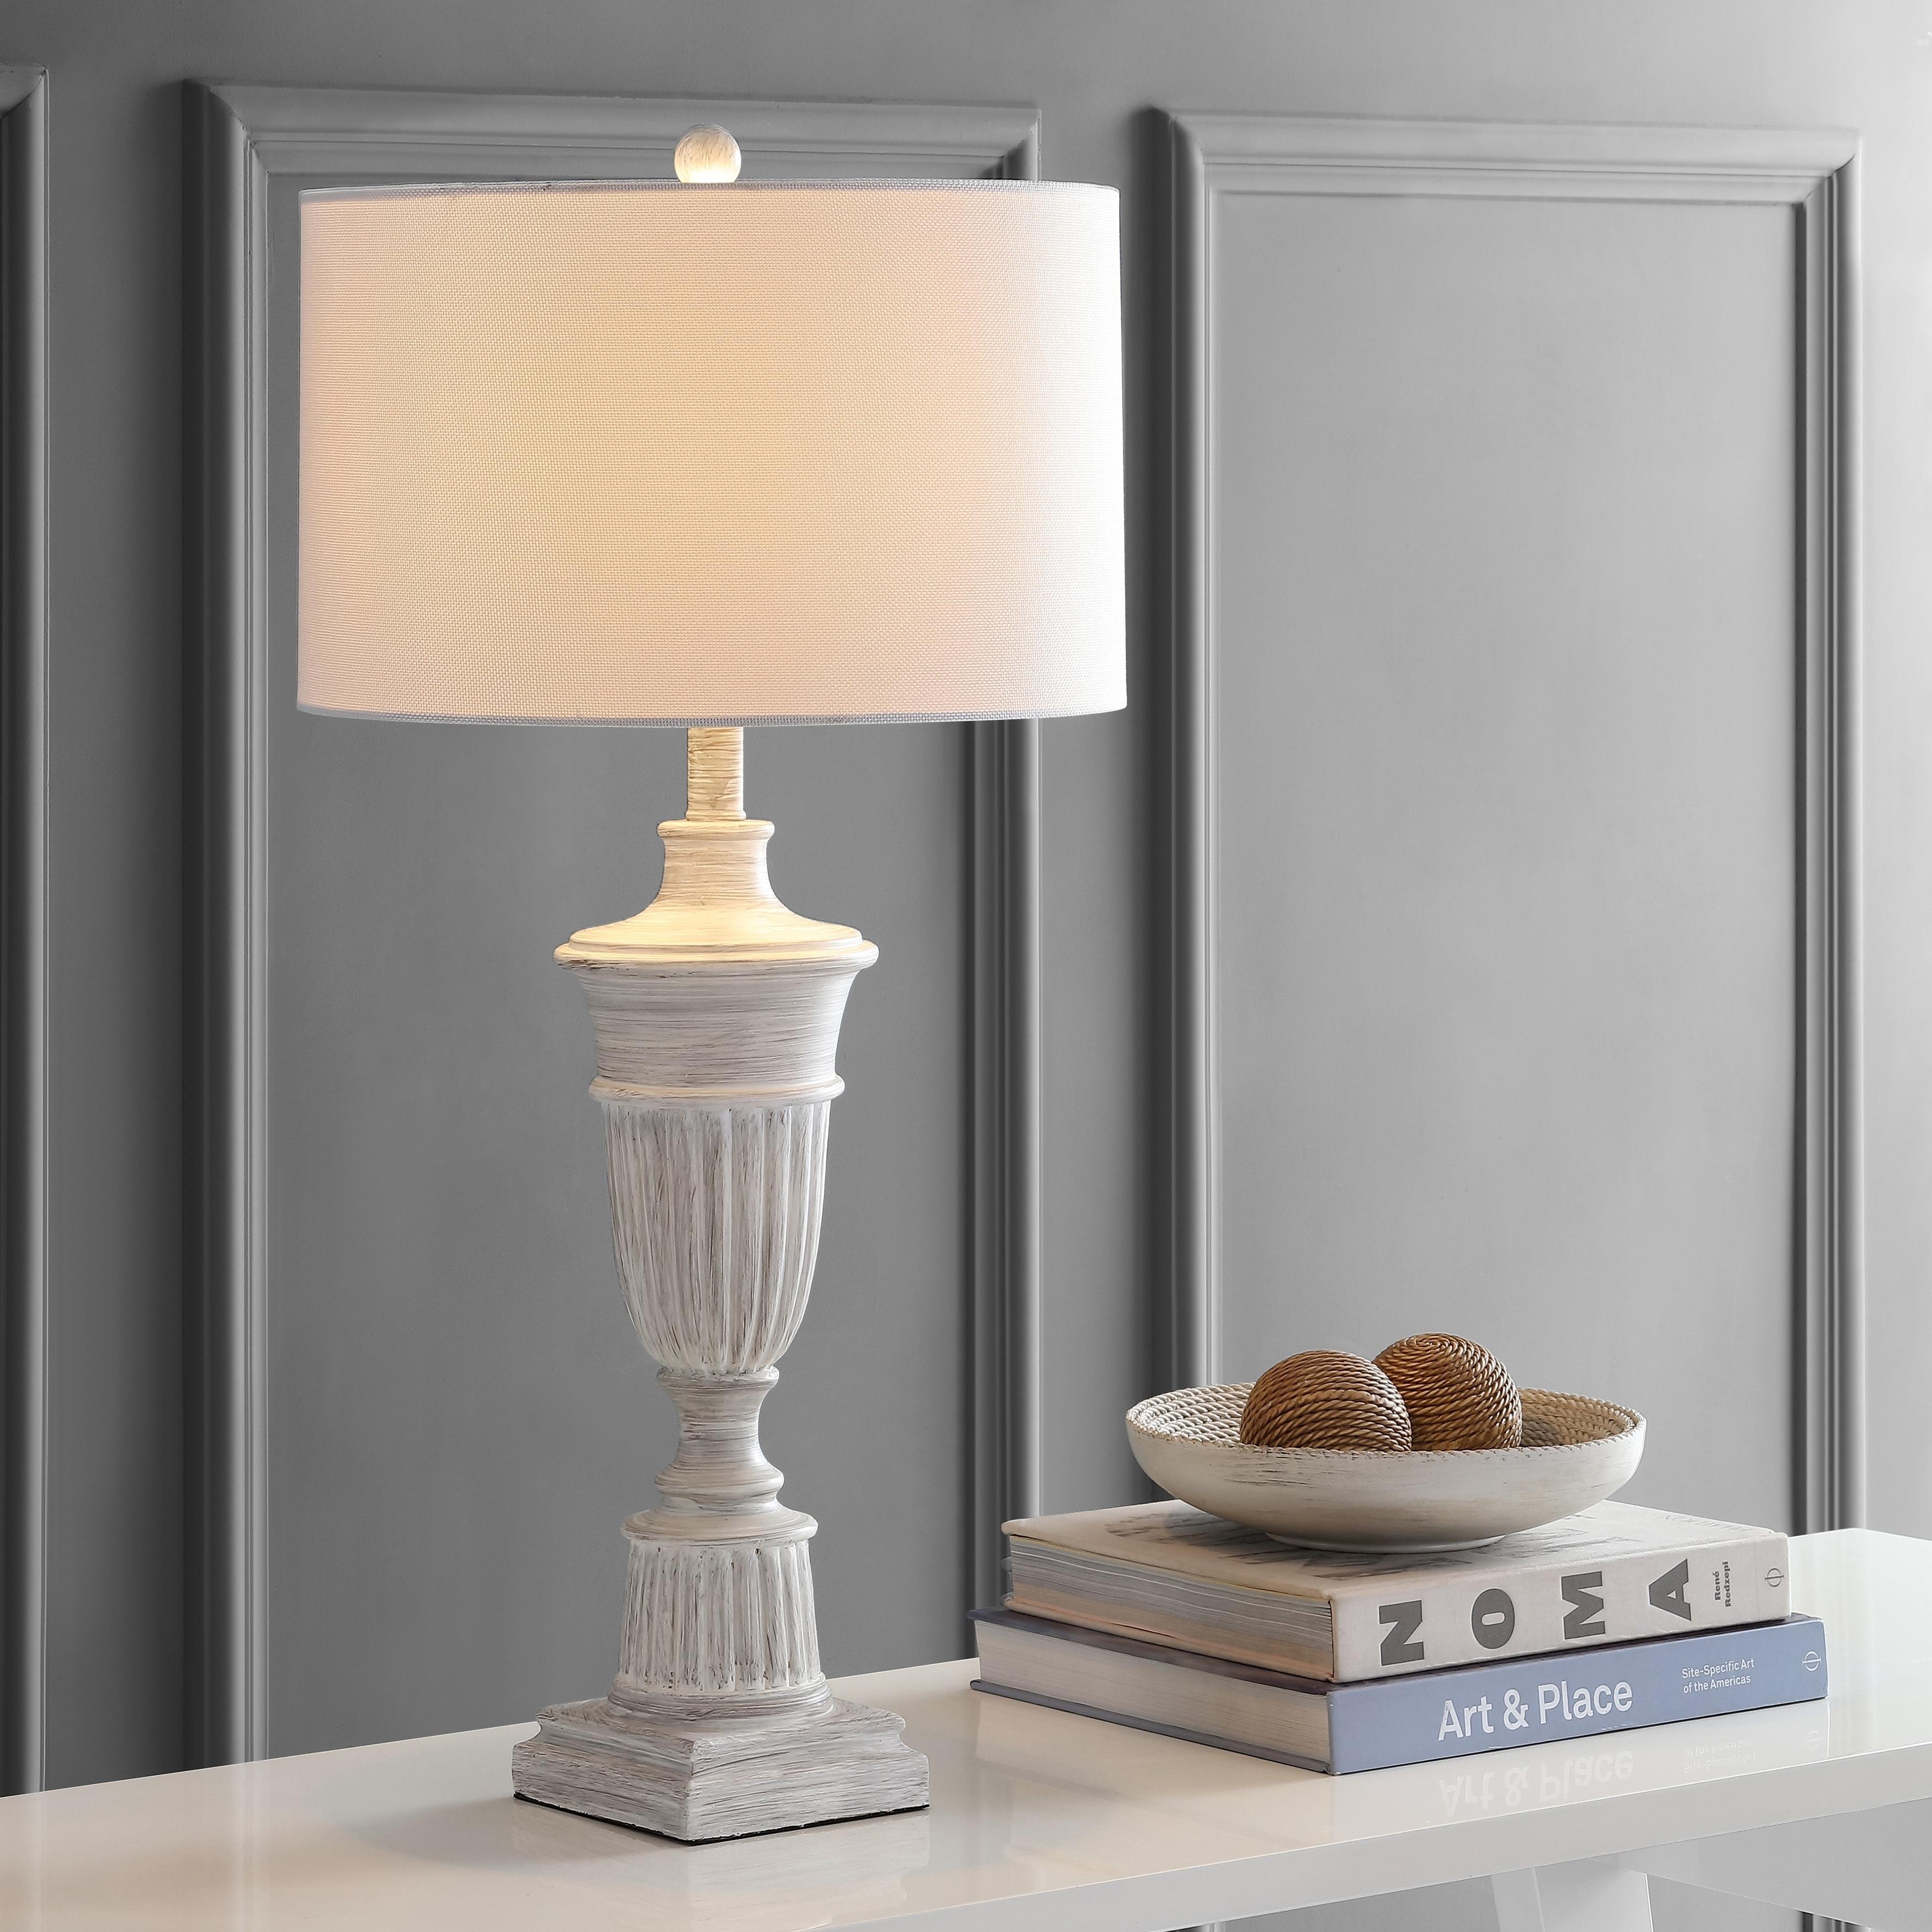 Safavieh Lighting 31 Inch Kylen White Led Table Lamp Set Of 2 15 X15 X31 Overstock 27123755